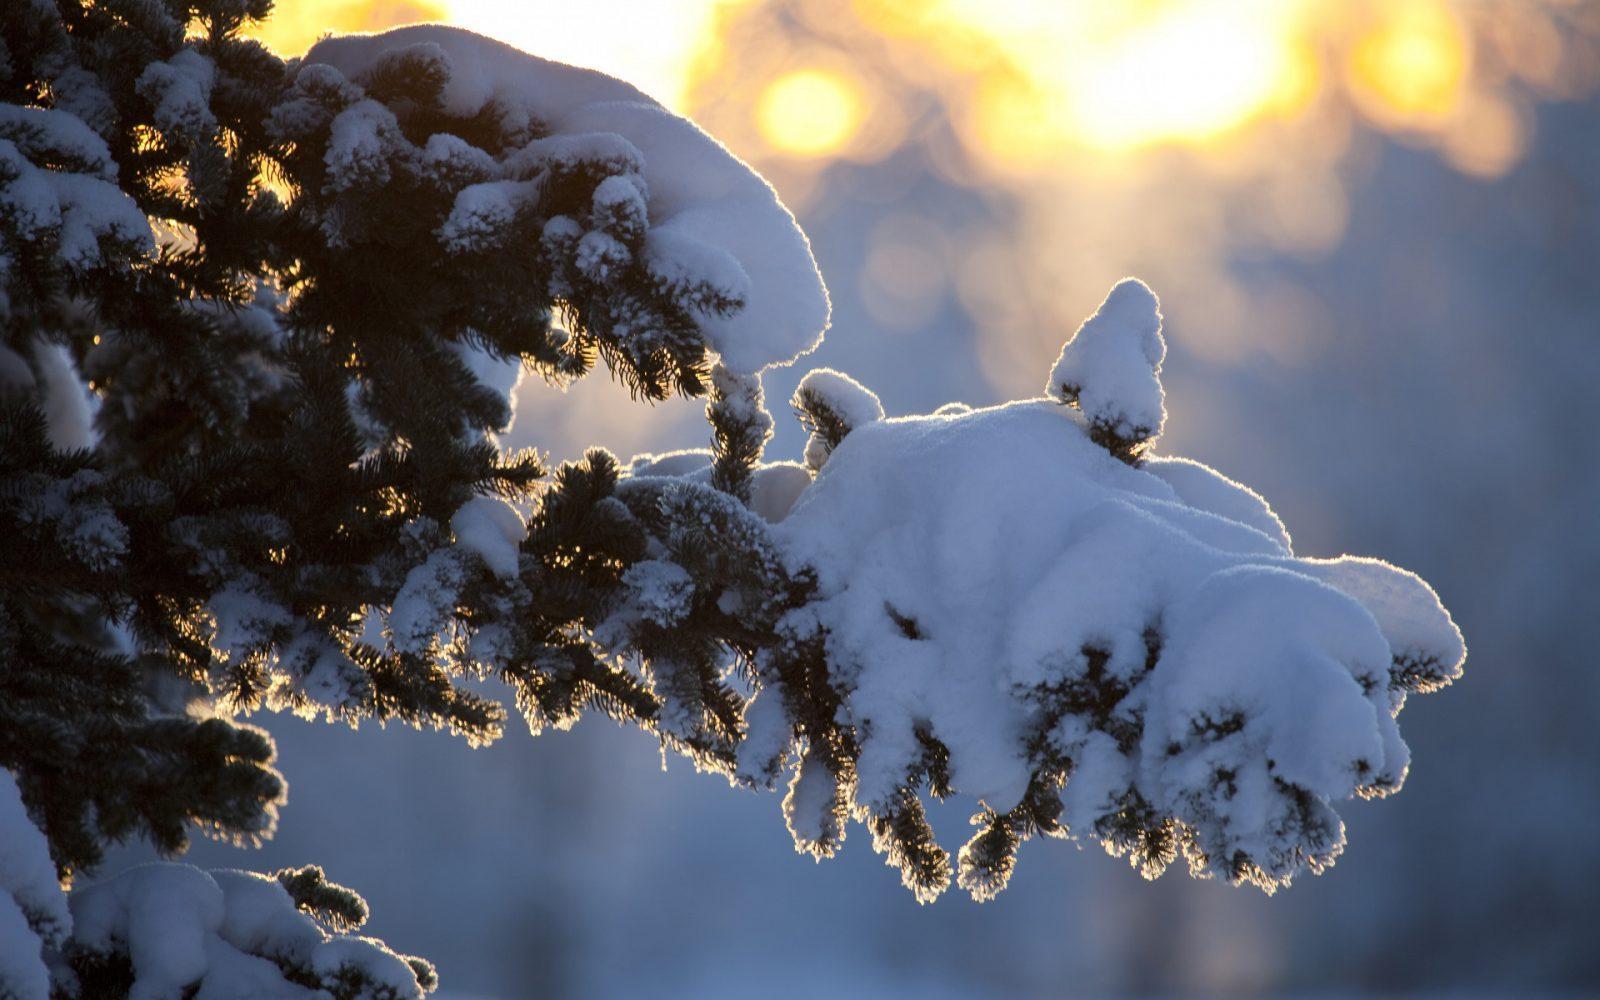 Погода в Казахстане: синоптики обещают сильный мороз